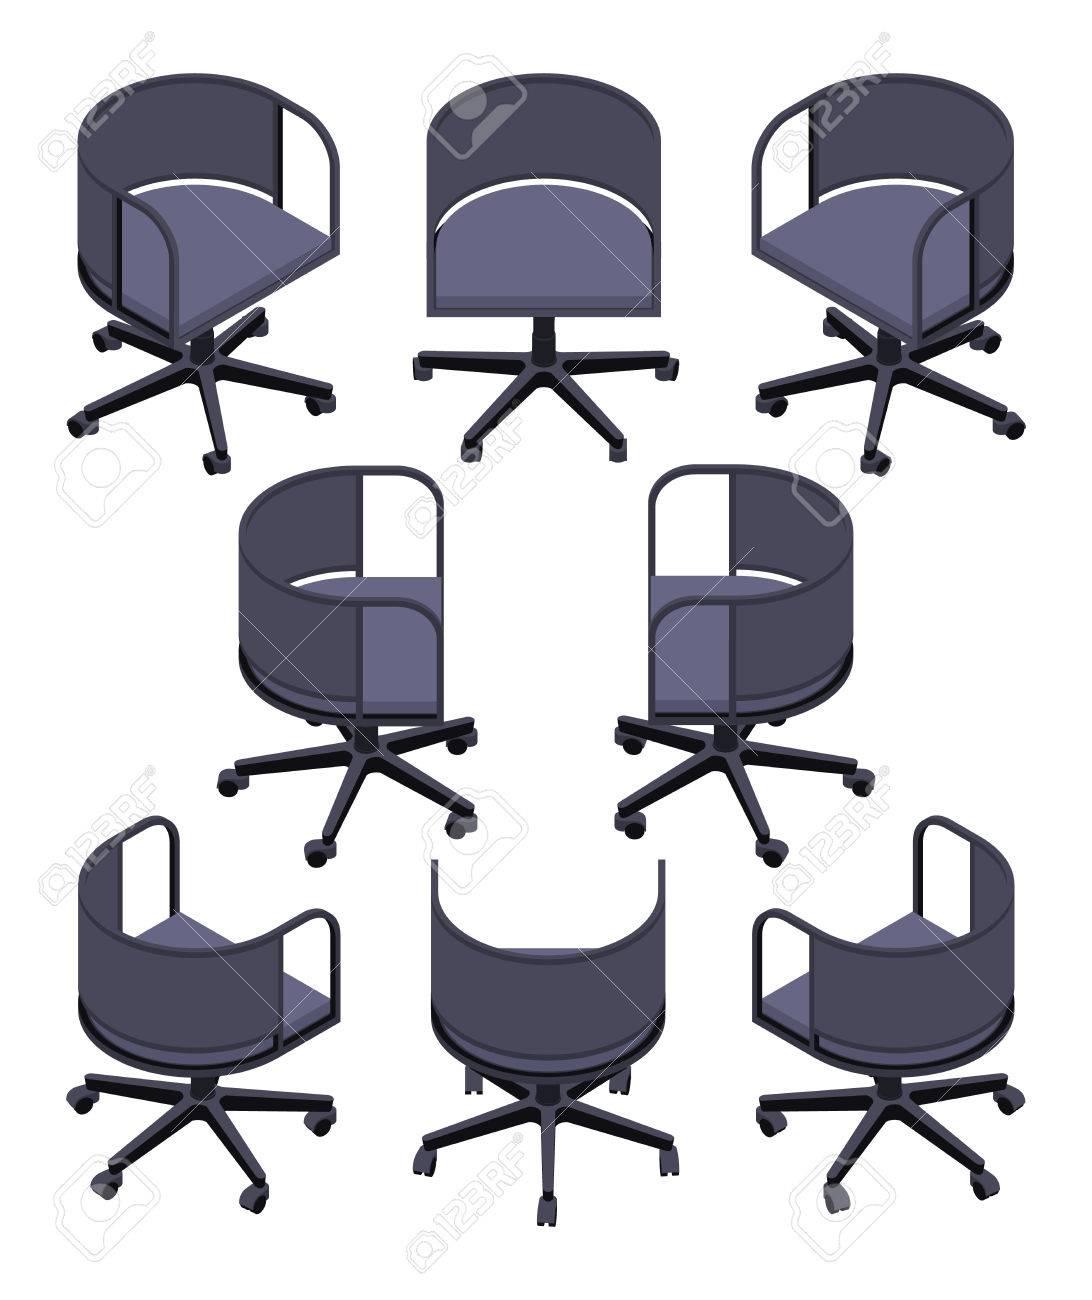 Conjunto de las sillas giratorias de oficina isométricos. Los objetos están  aislados contra el fondo blanco y se muestran desde diferentes lados